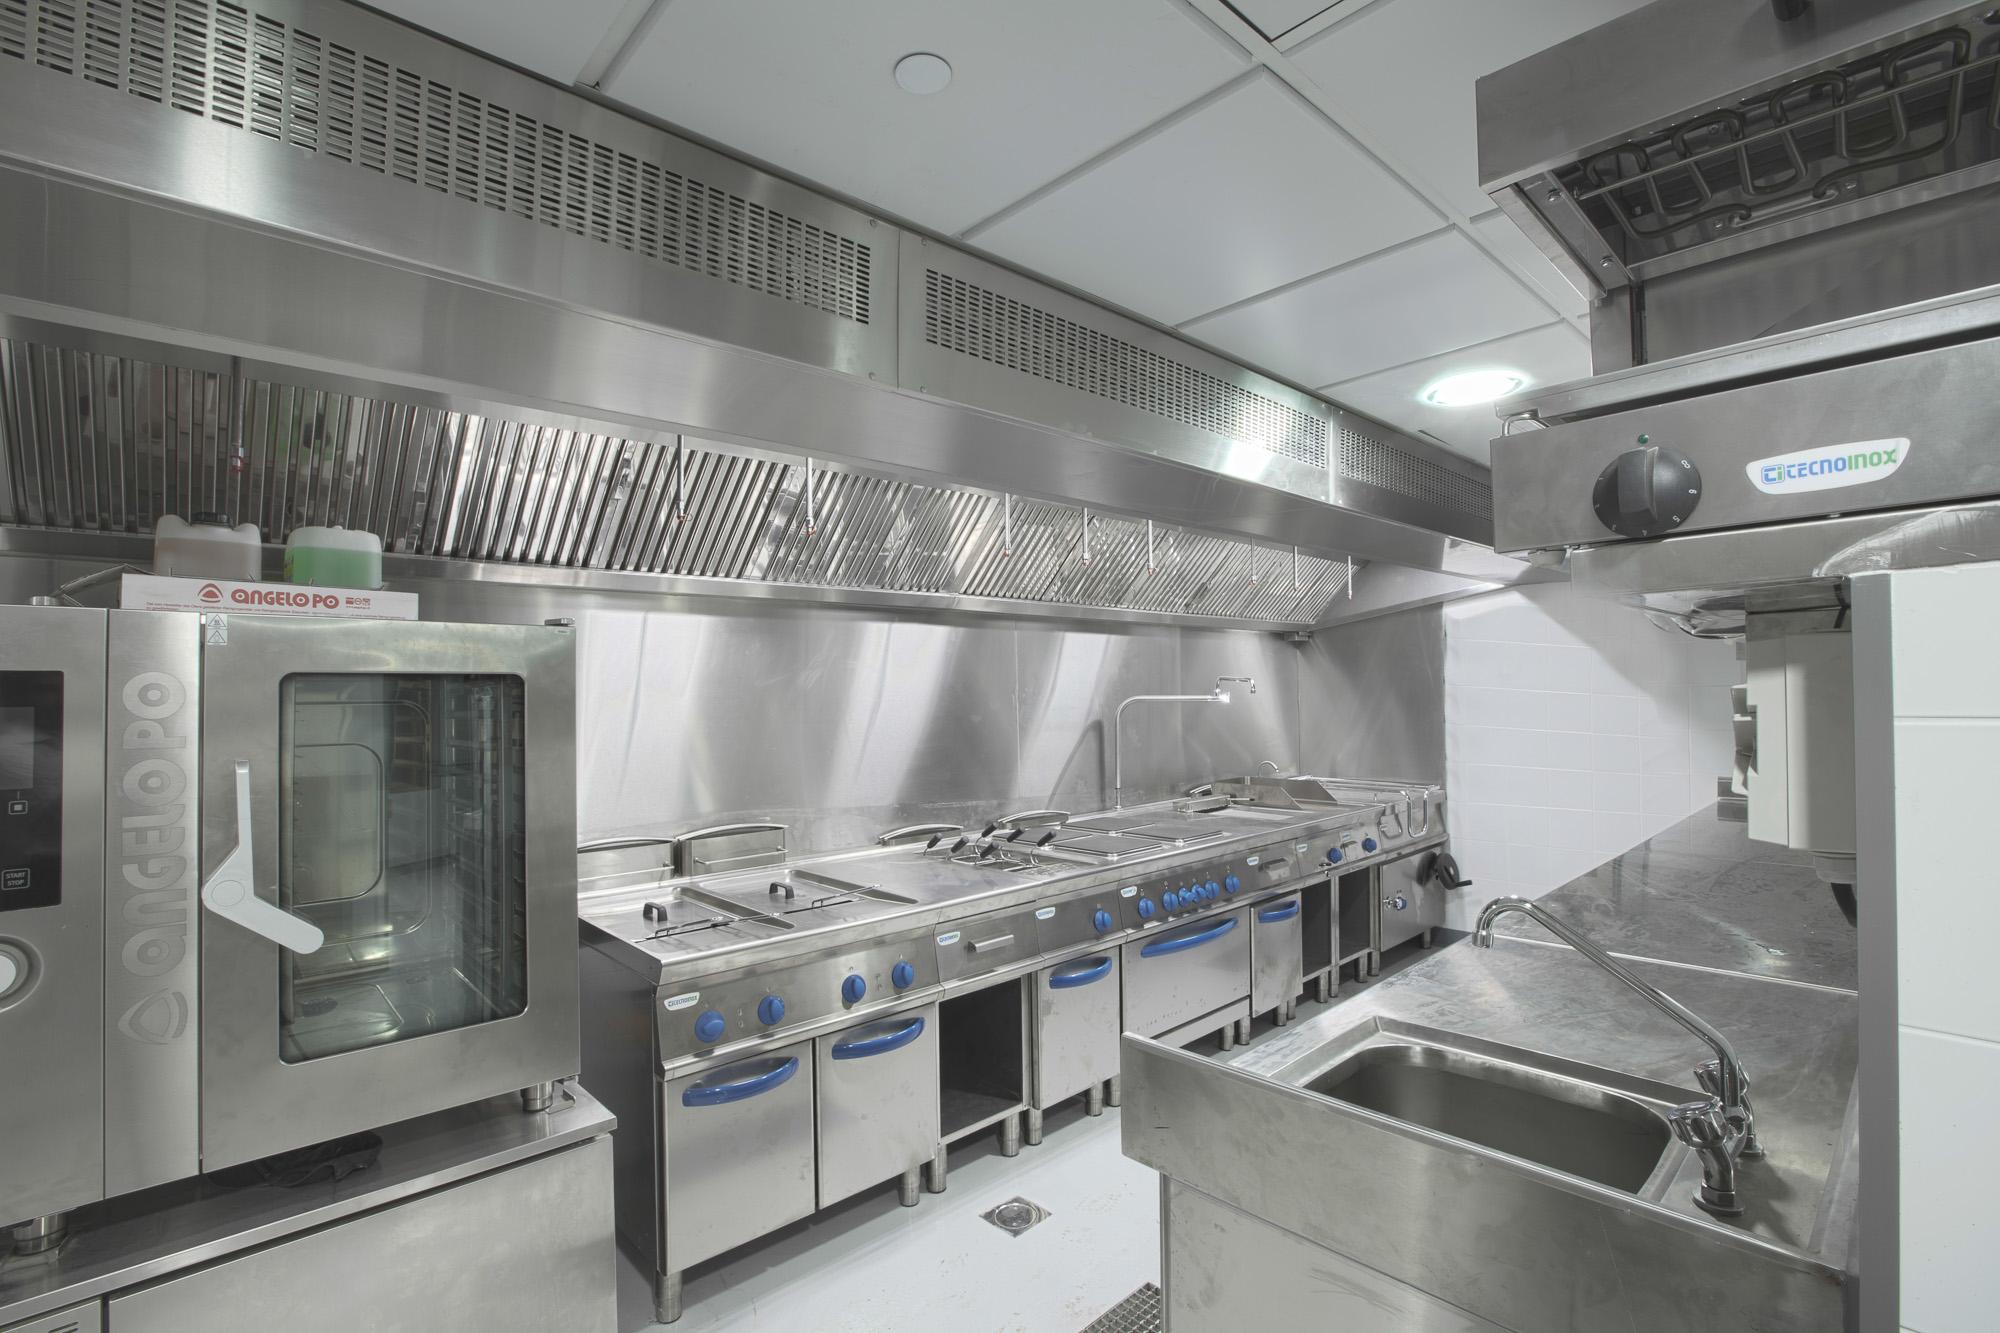 Italia_kitchen_-rotana-6